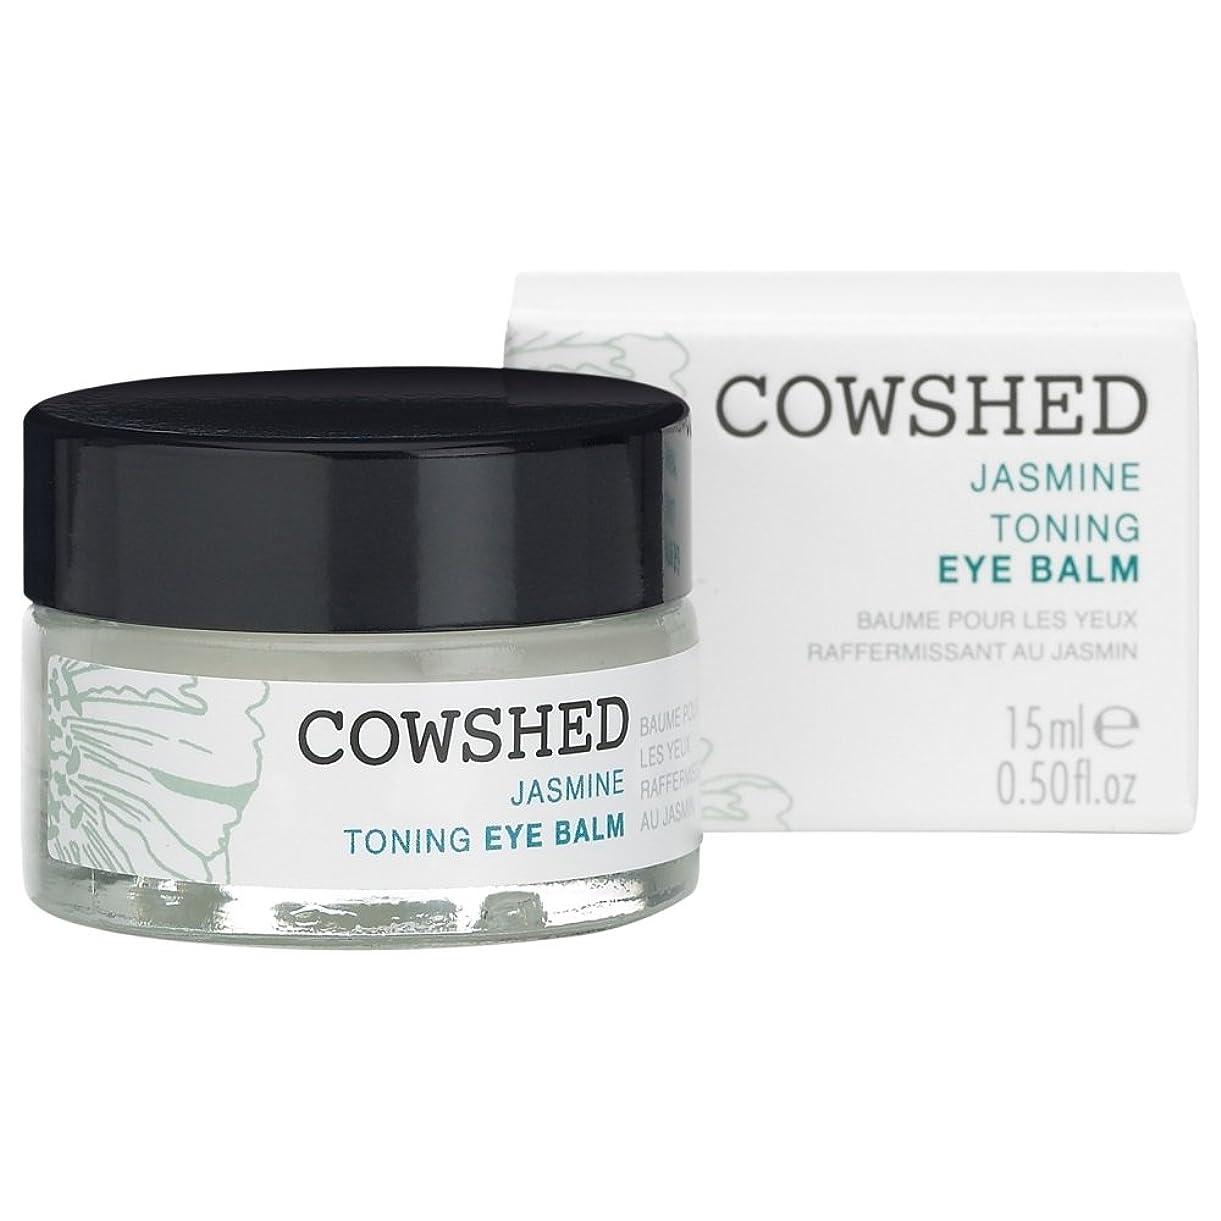 晩ごはん侵入するレイプ牛舎ジャスミン調色アイクリーム15ミリリットル (Cowshed) (x2) - Cowshed Jasmine Toning Eye Balm 15ml (Pack of 2) [並行輸入品]